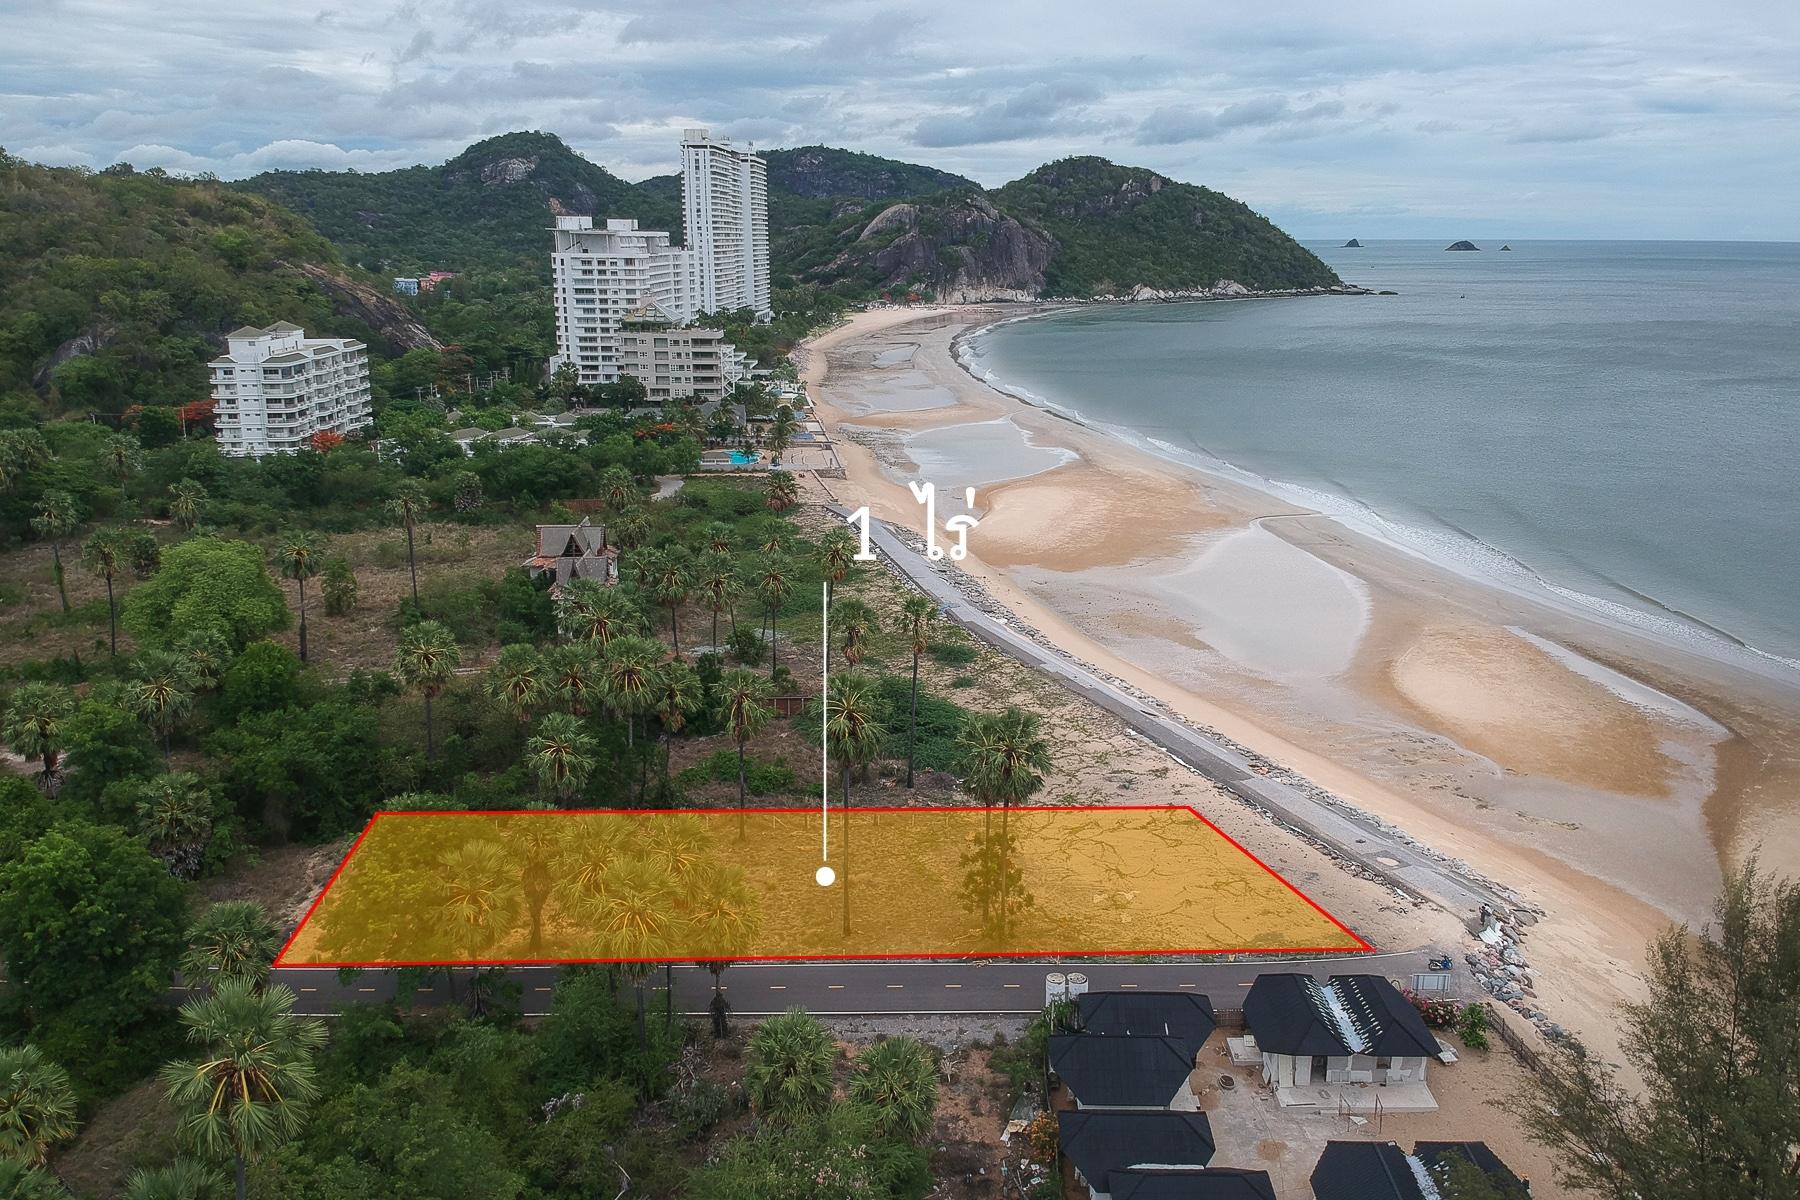 Beach Land for Sale Hua Hin-Khao Tao-Pranburi